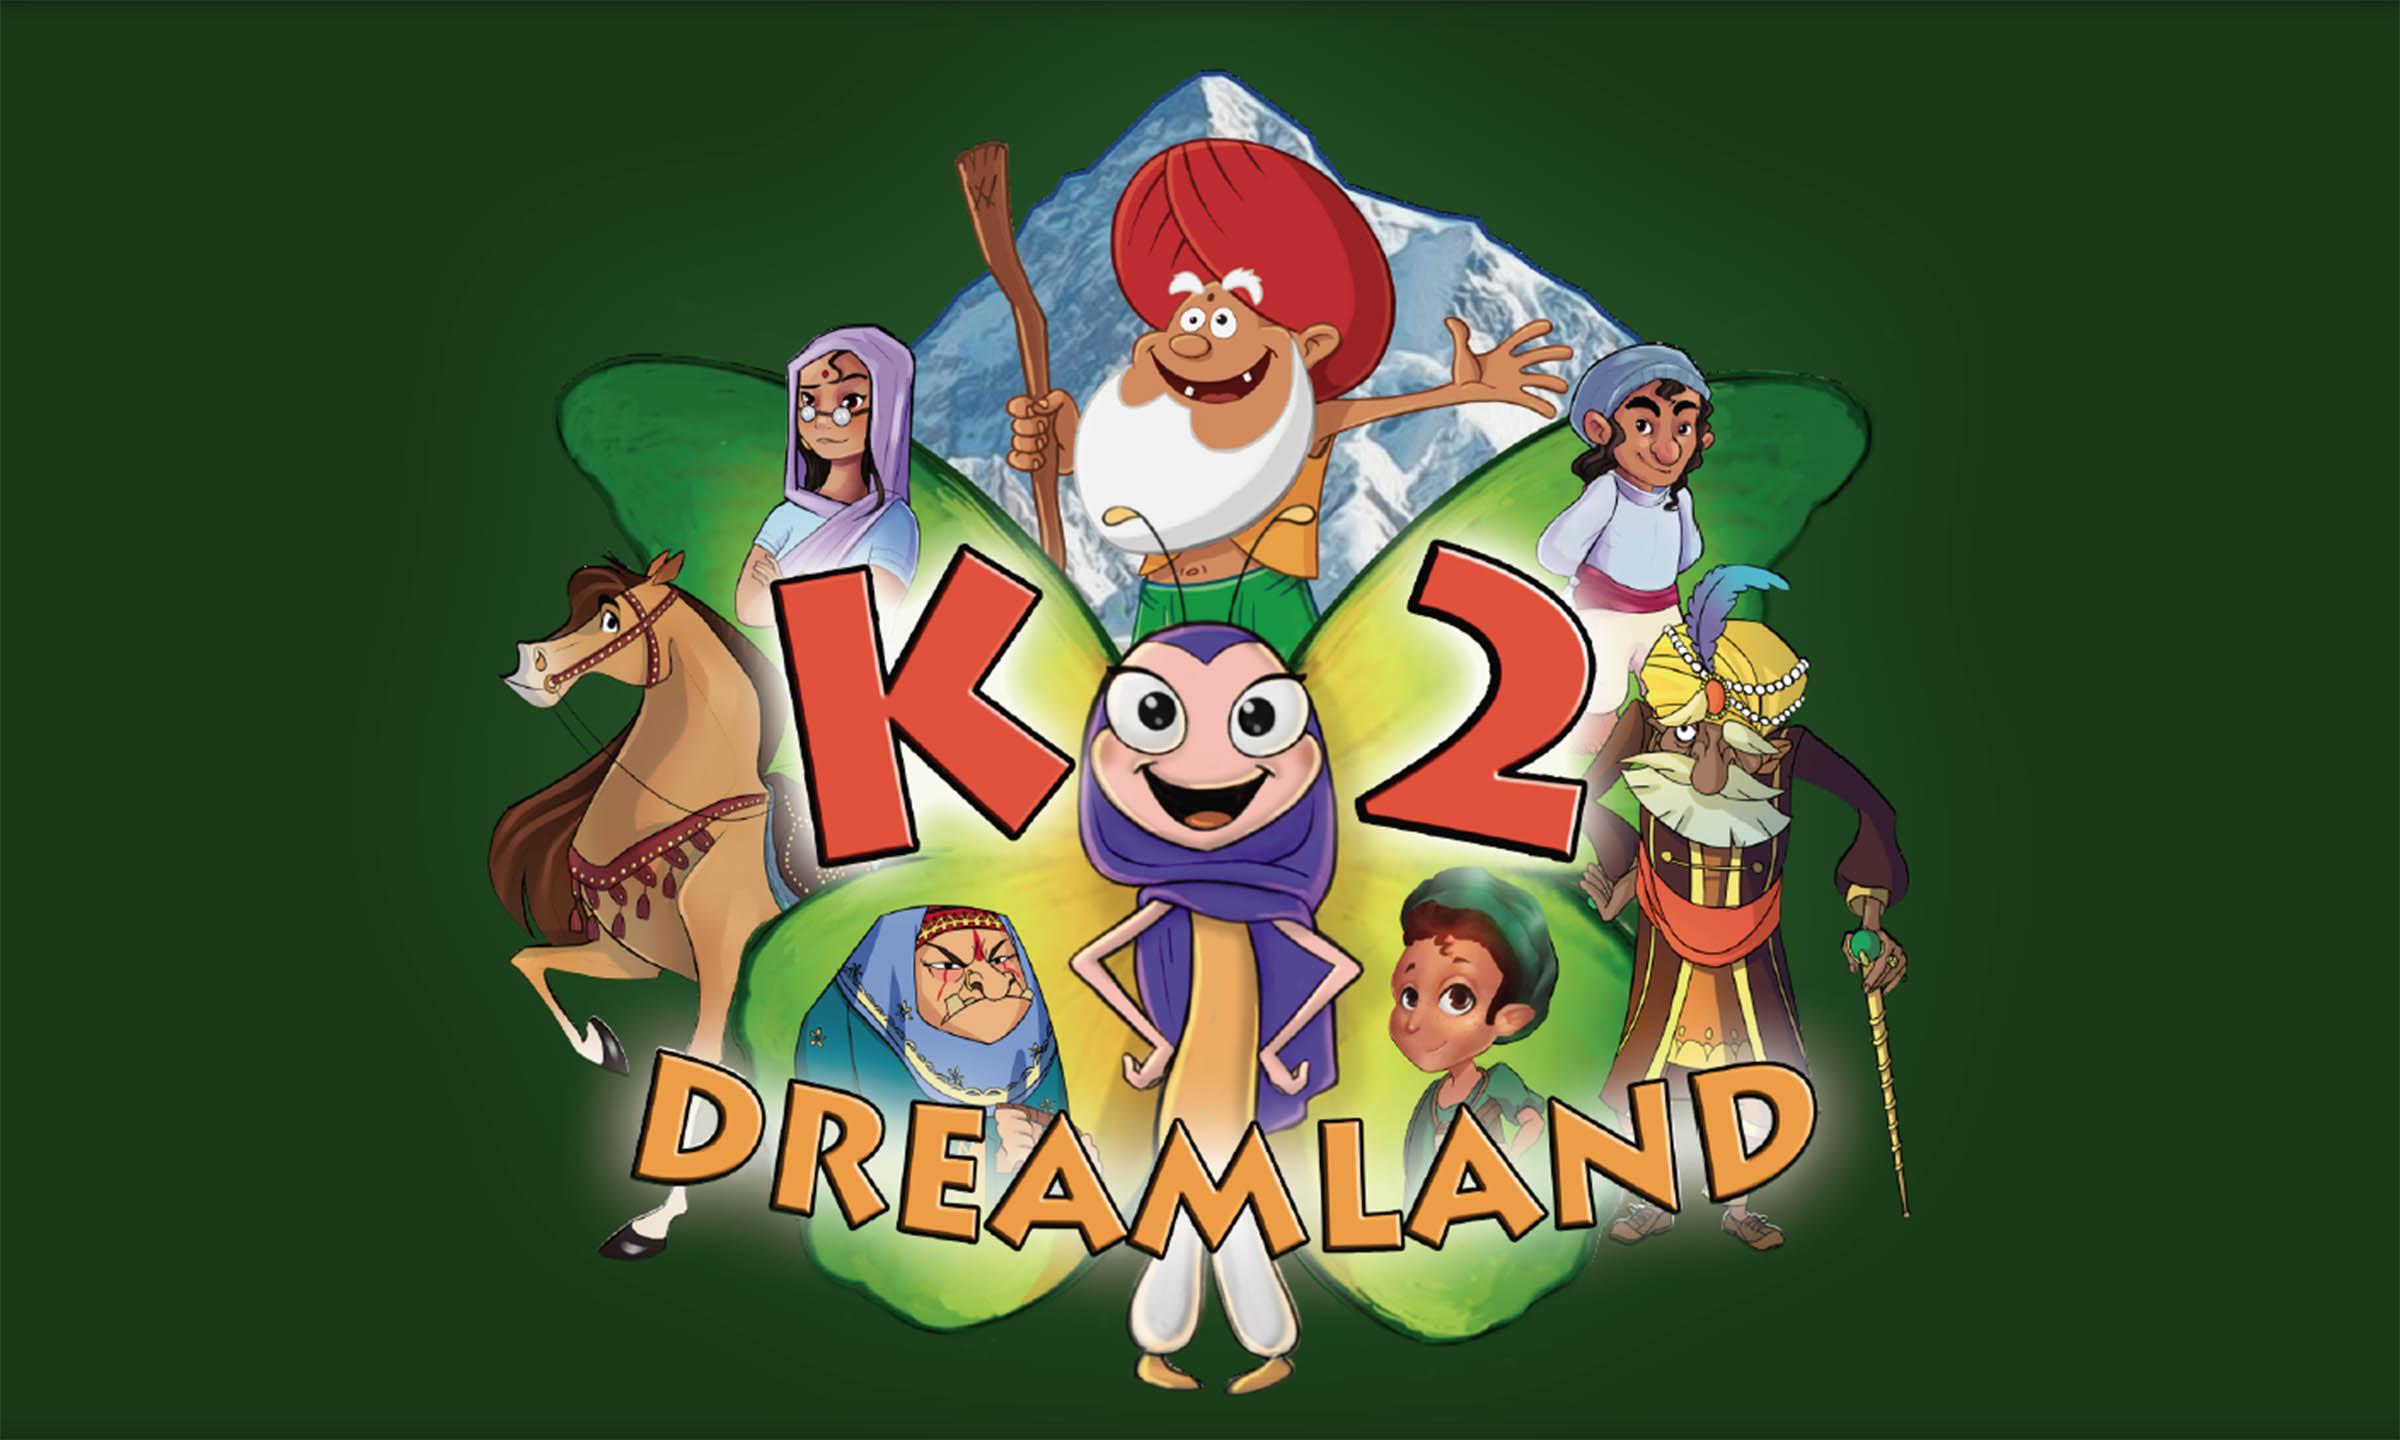 K2 DREAMLAND